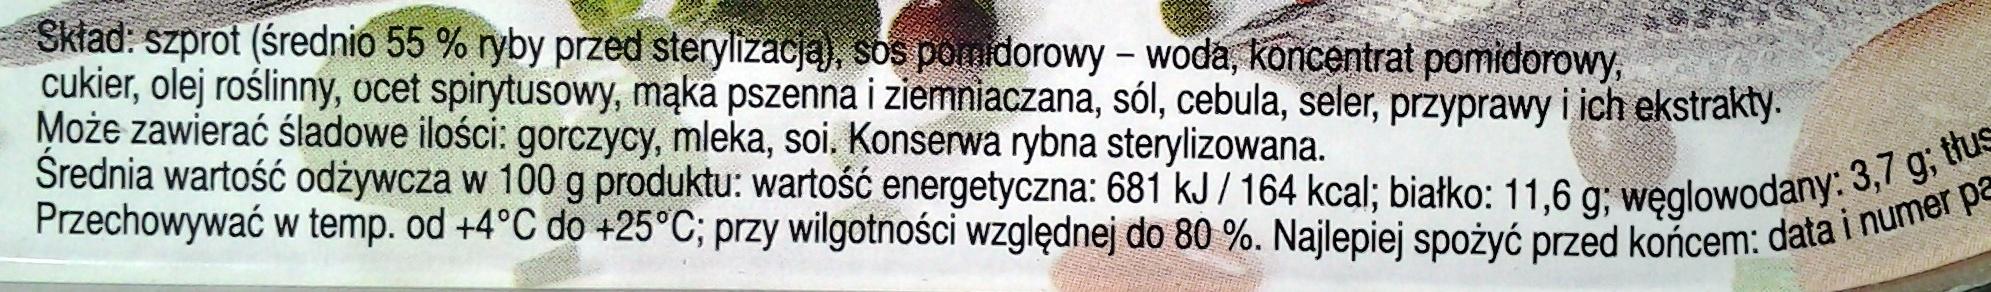 Szprot w sosie pomidorowym - Składniki - pl